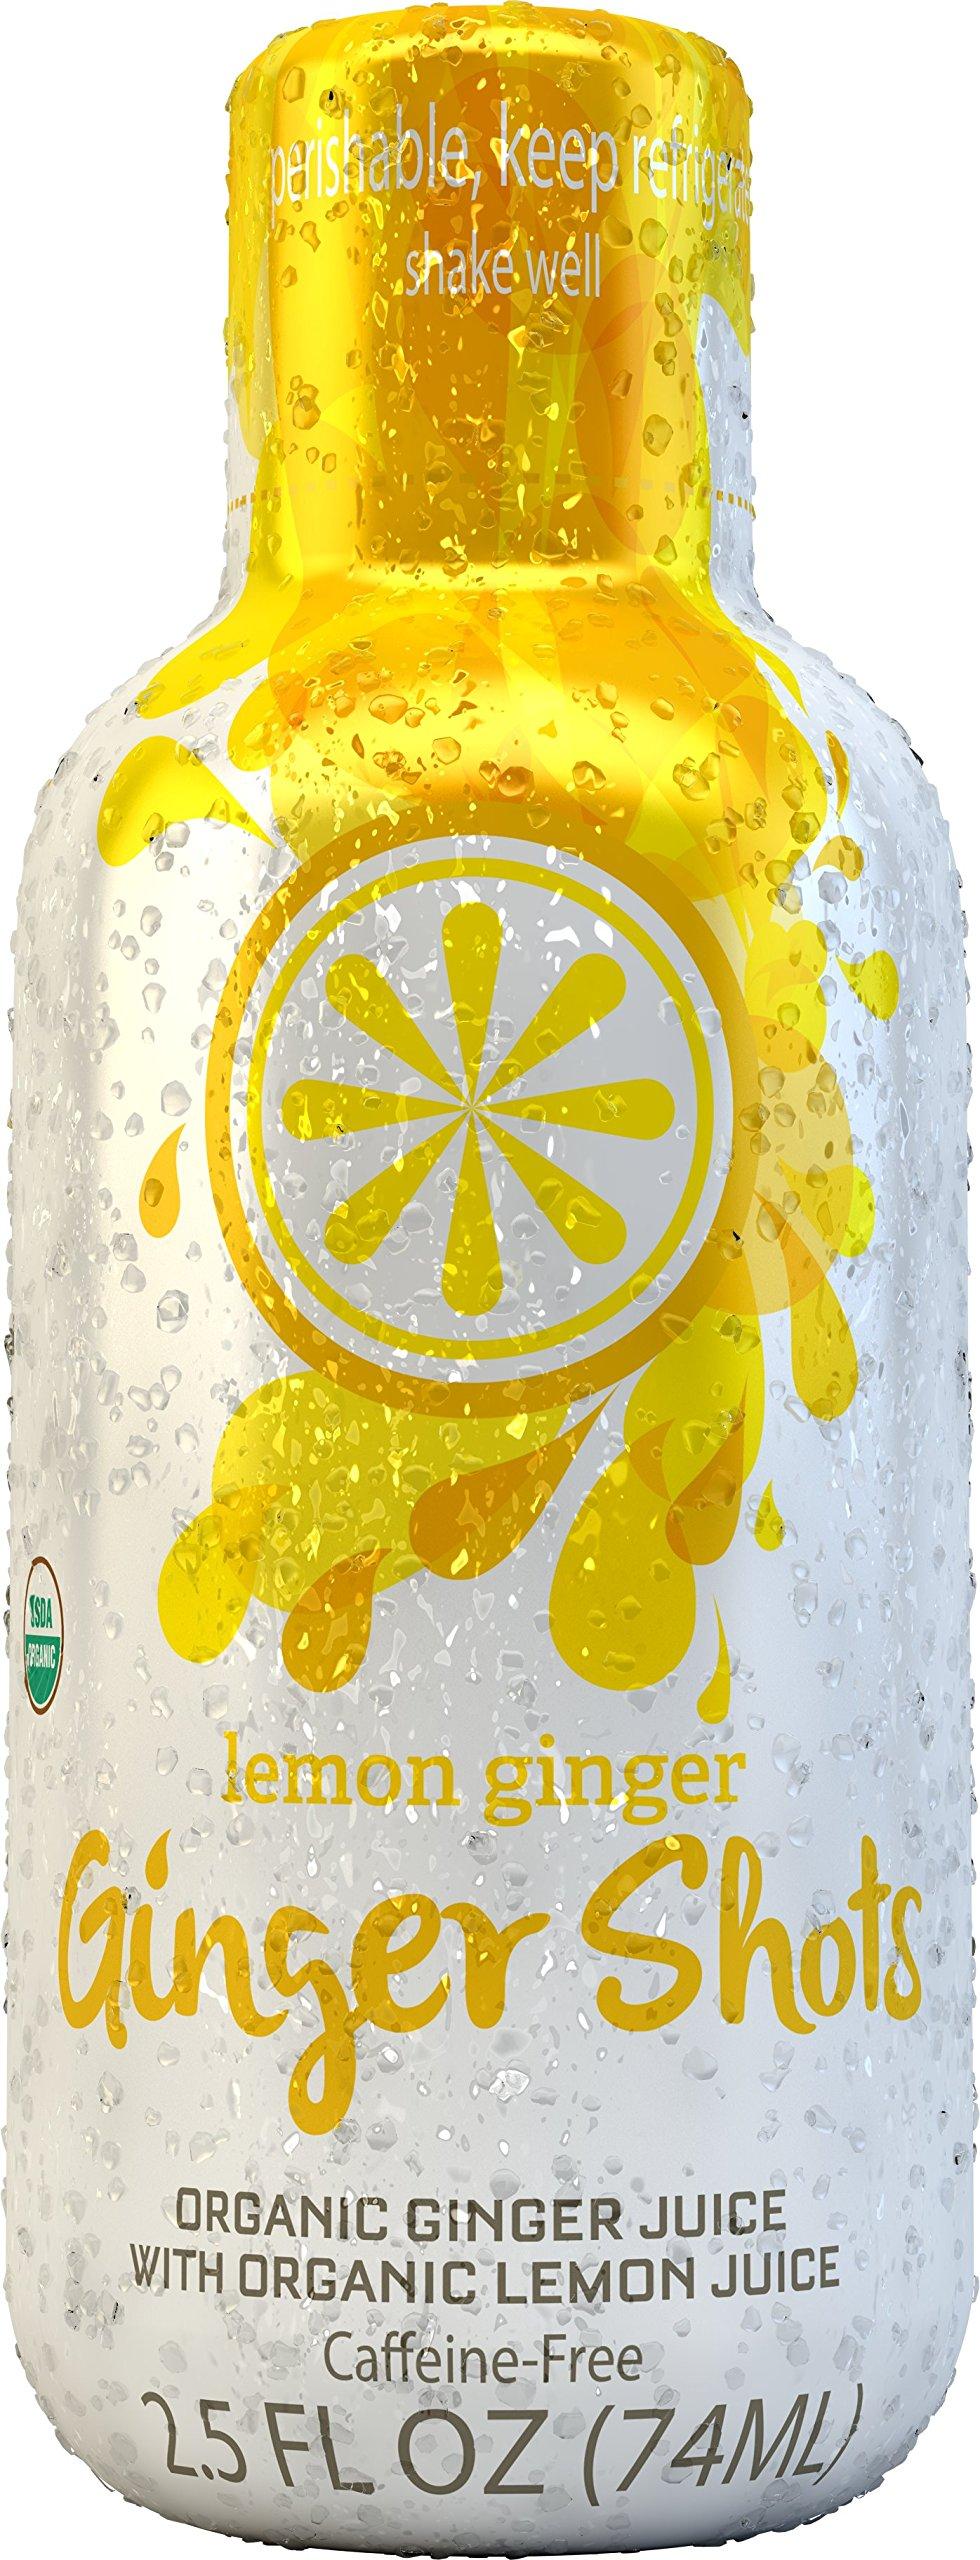 Ginger Shots Organic Cold Pressed Ginger Juice Shot, Lemon Ginger, 12-Pack